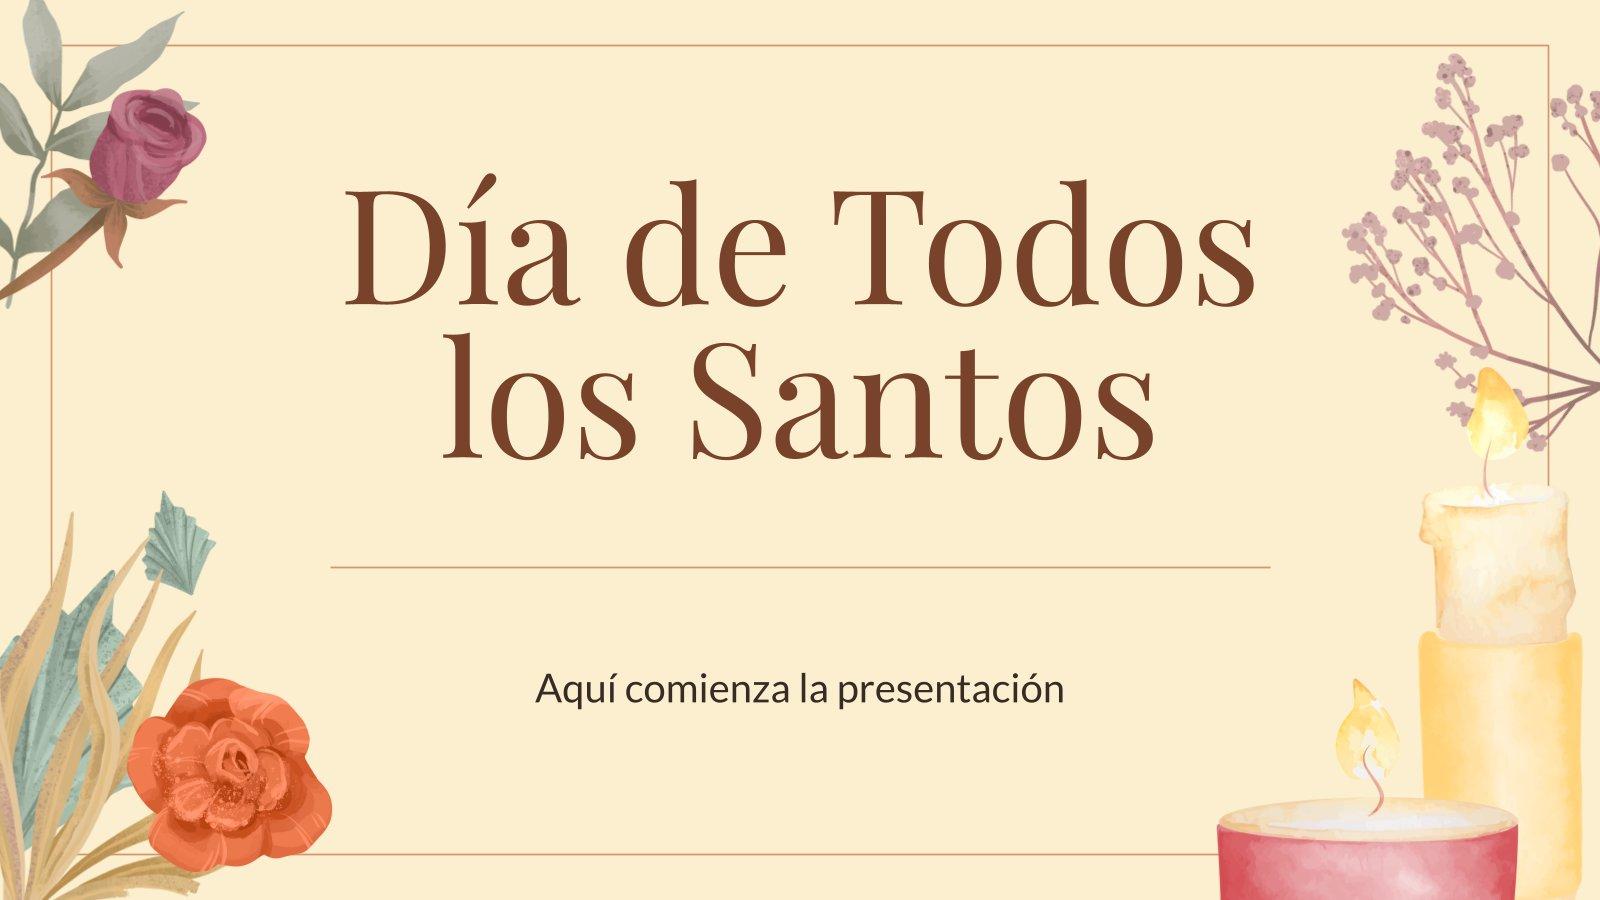 Modelo de apresentação Dia de Todos os Santos no mundo hispânico